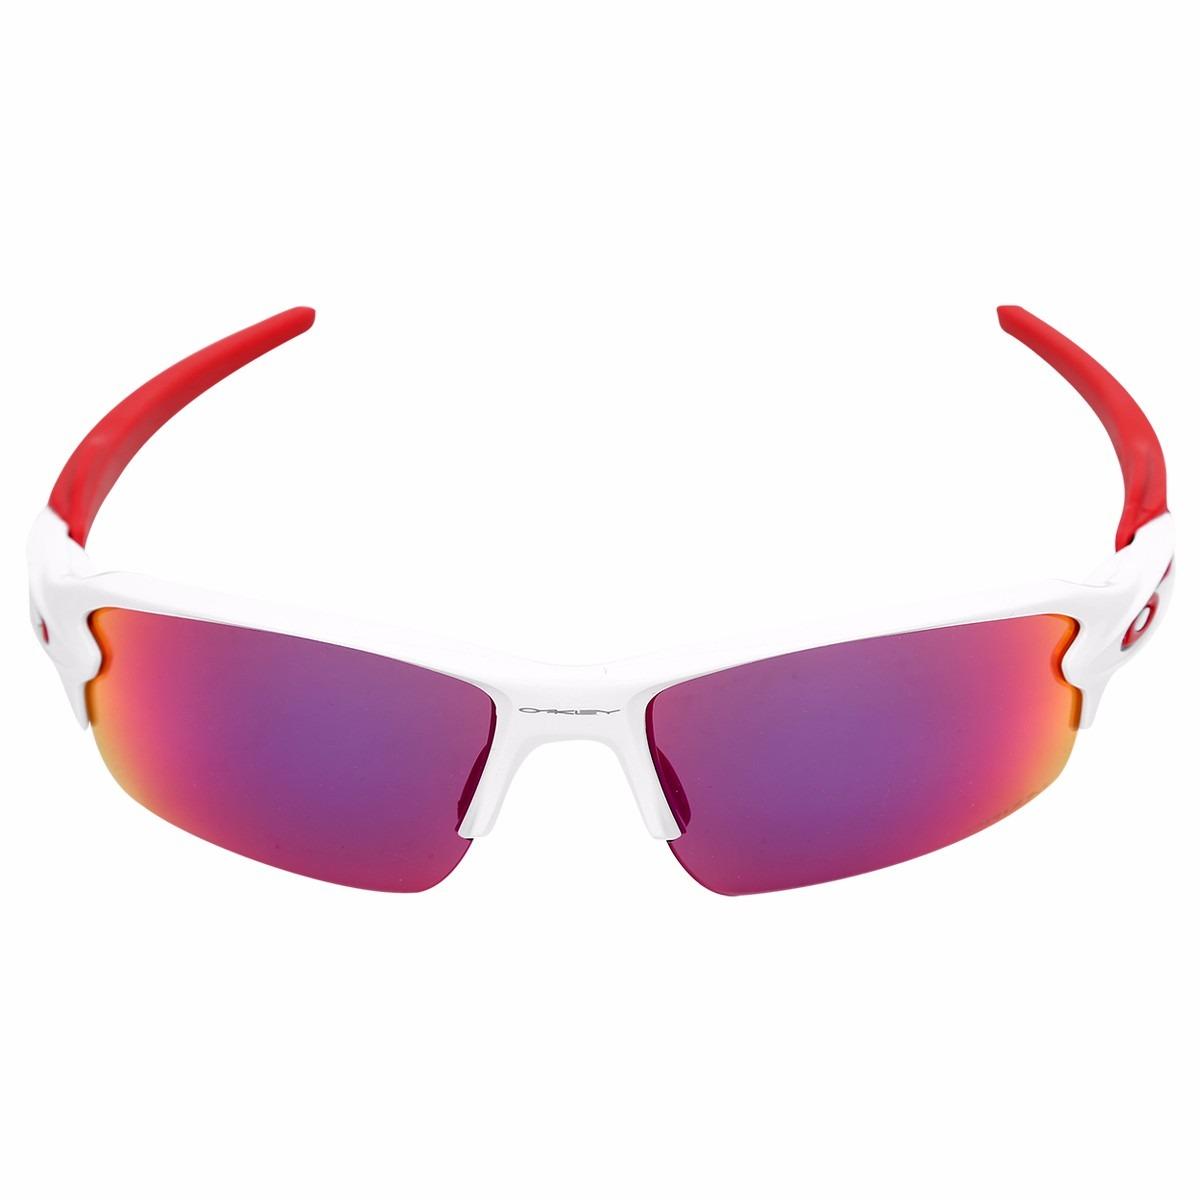 190ac1c067df5 Óculos Oakley Road Flak 2.0 Prizm - R  300